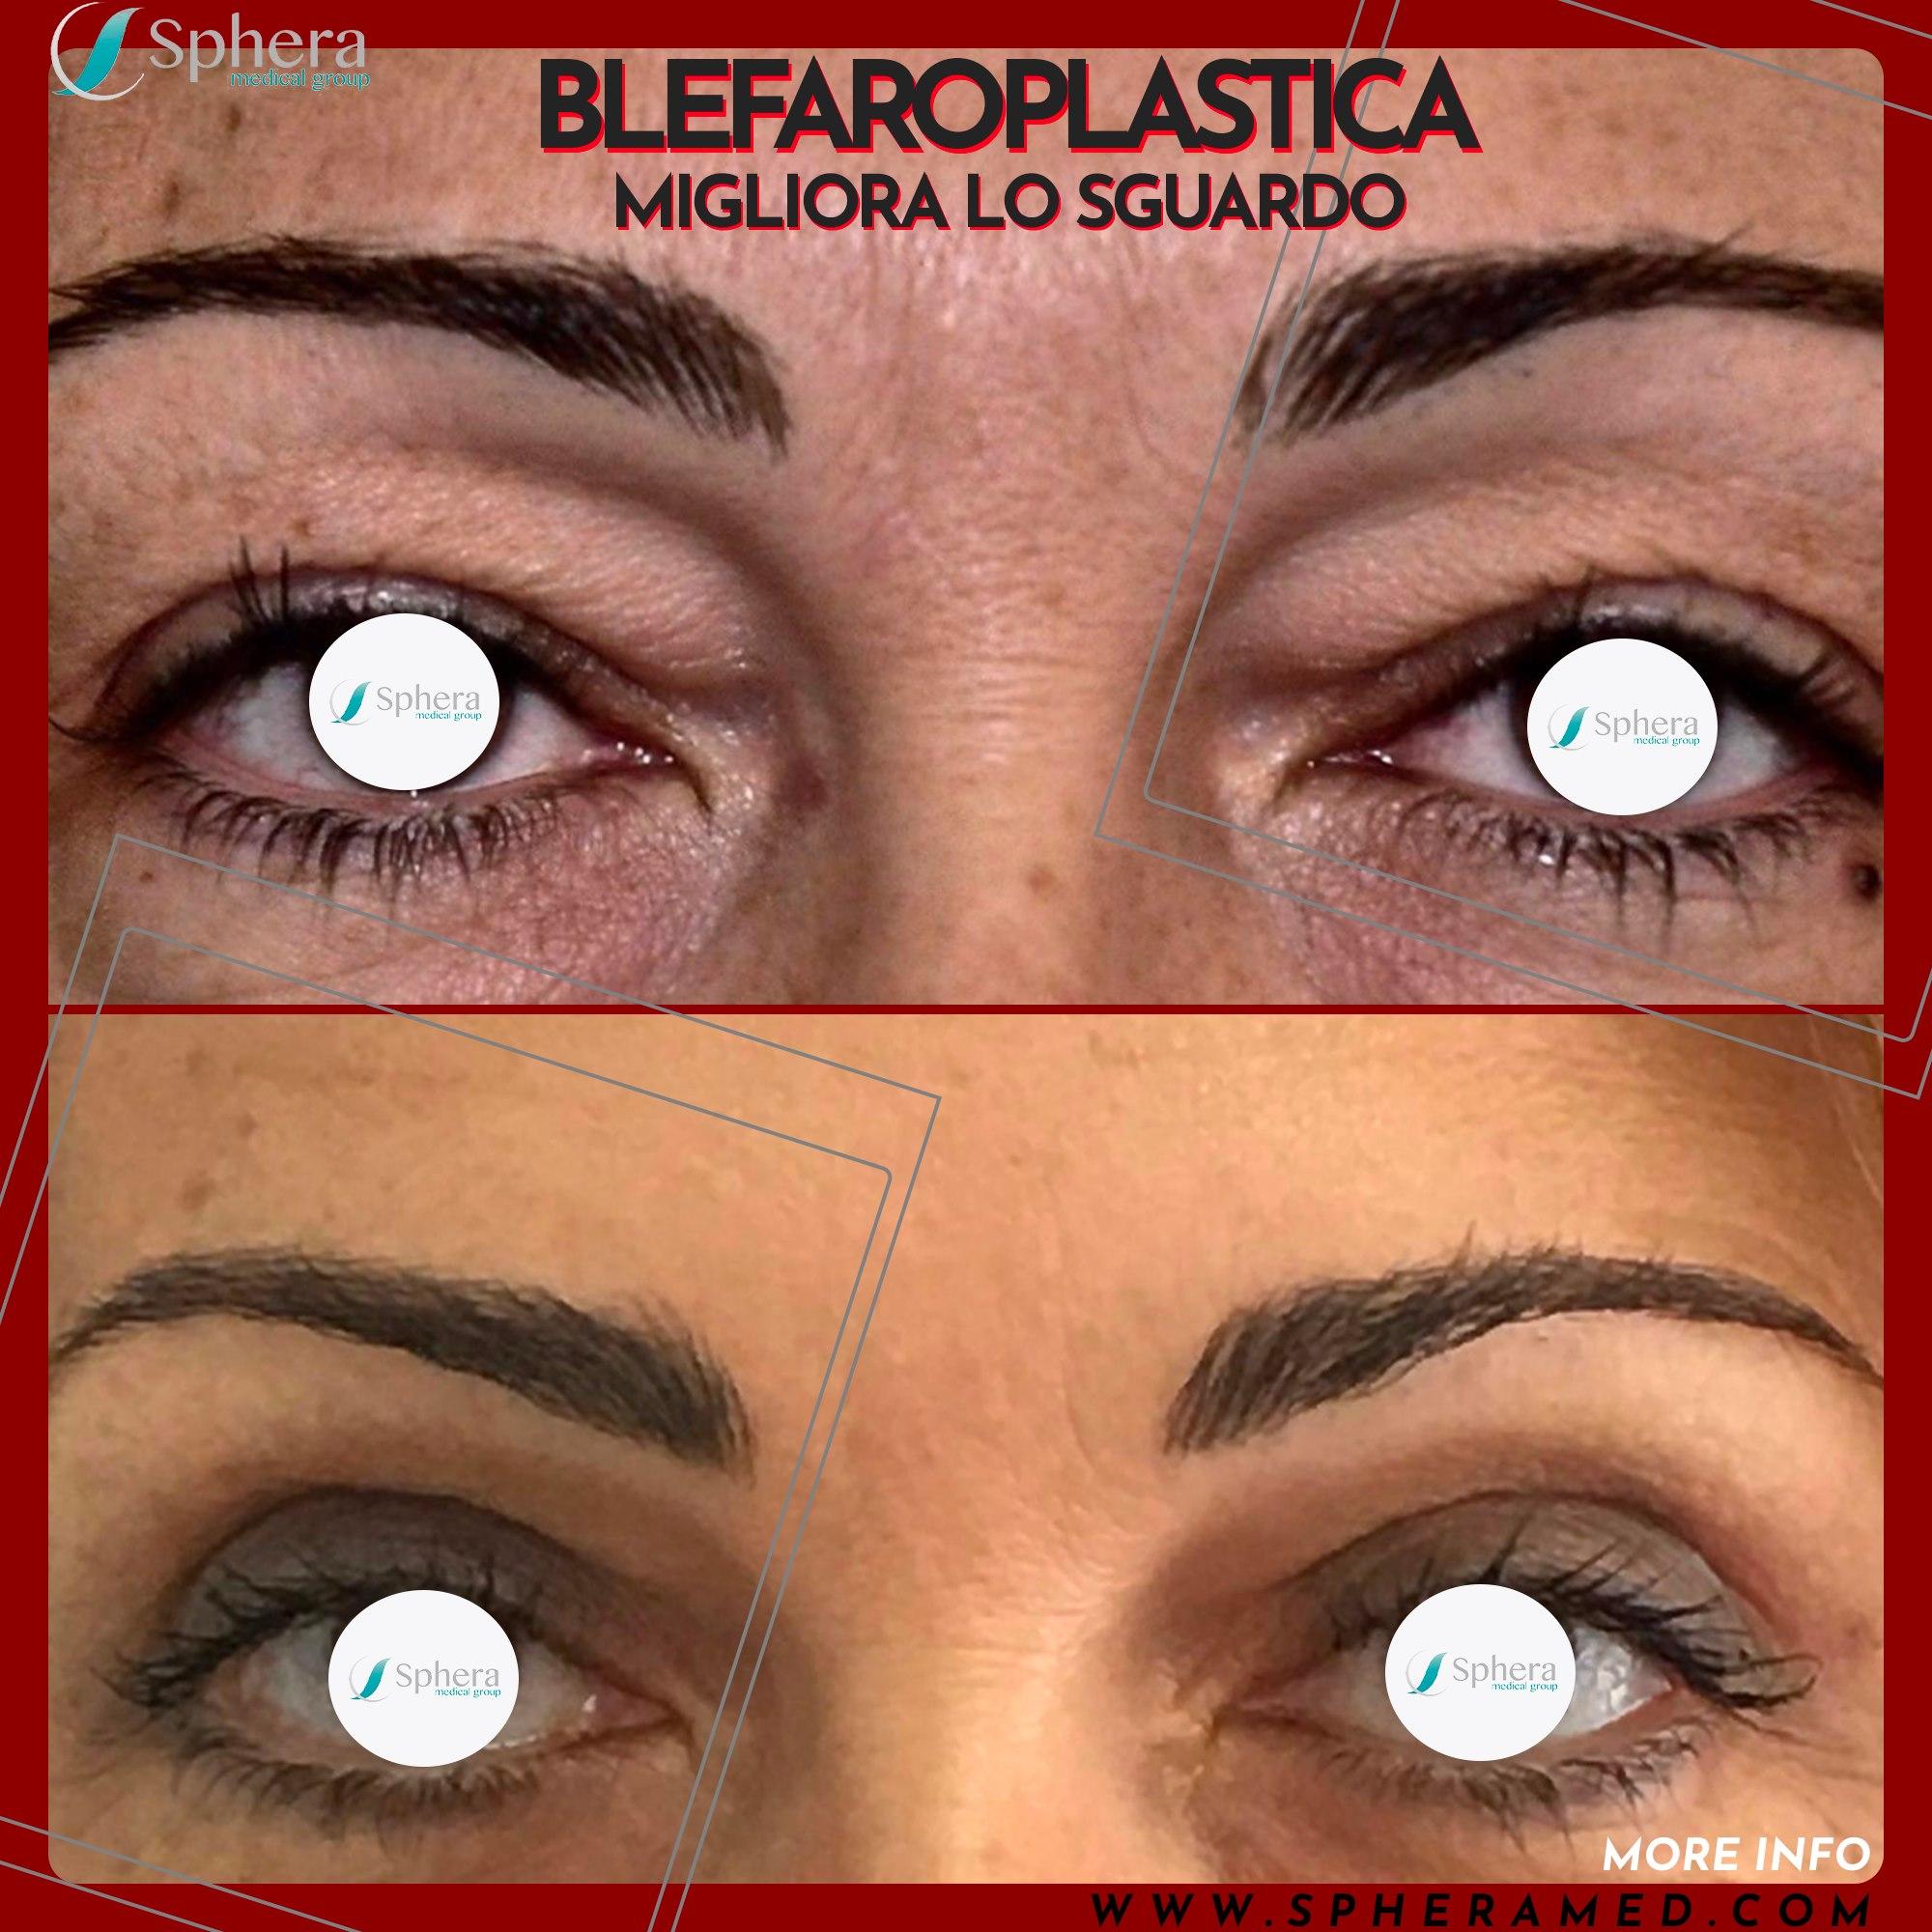 blefaroplastica superiore